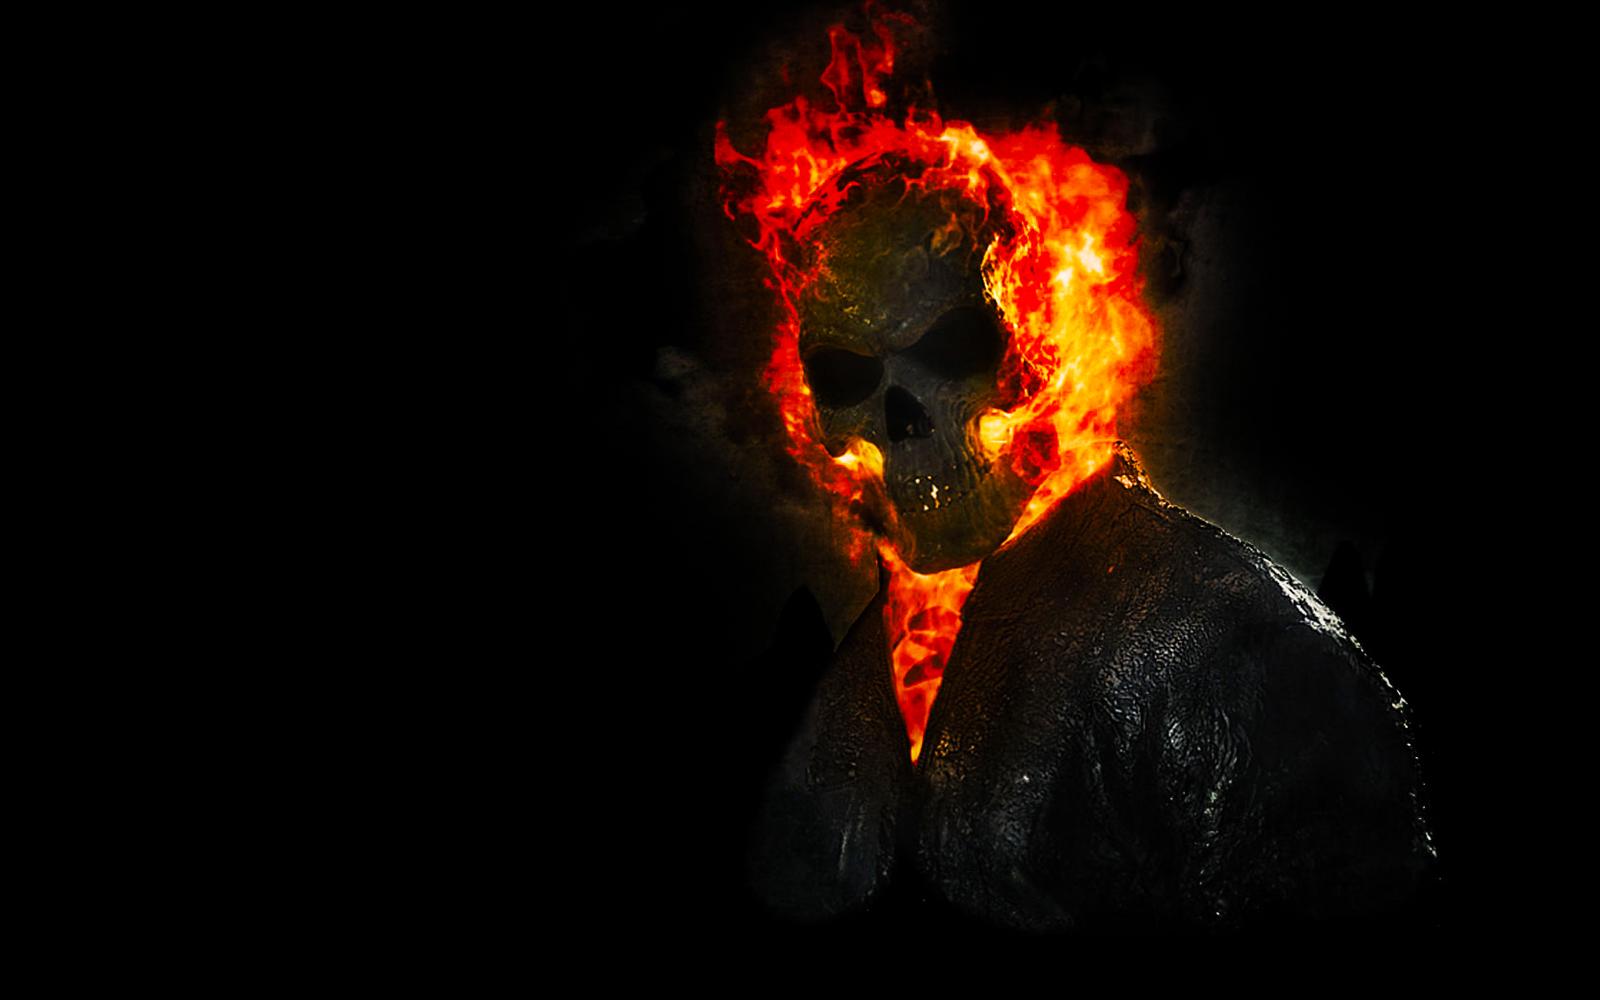 Ghost Rider Spirit Of Vengeance Wallpaper 3d